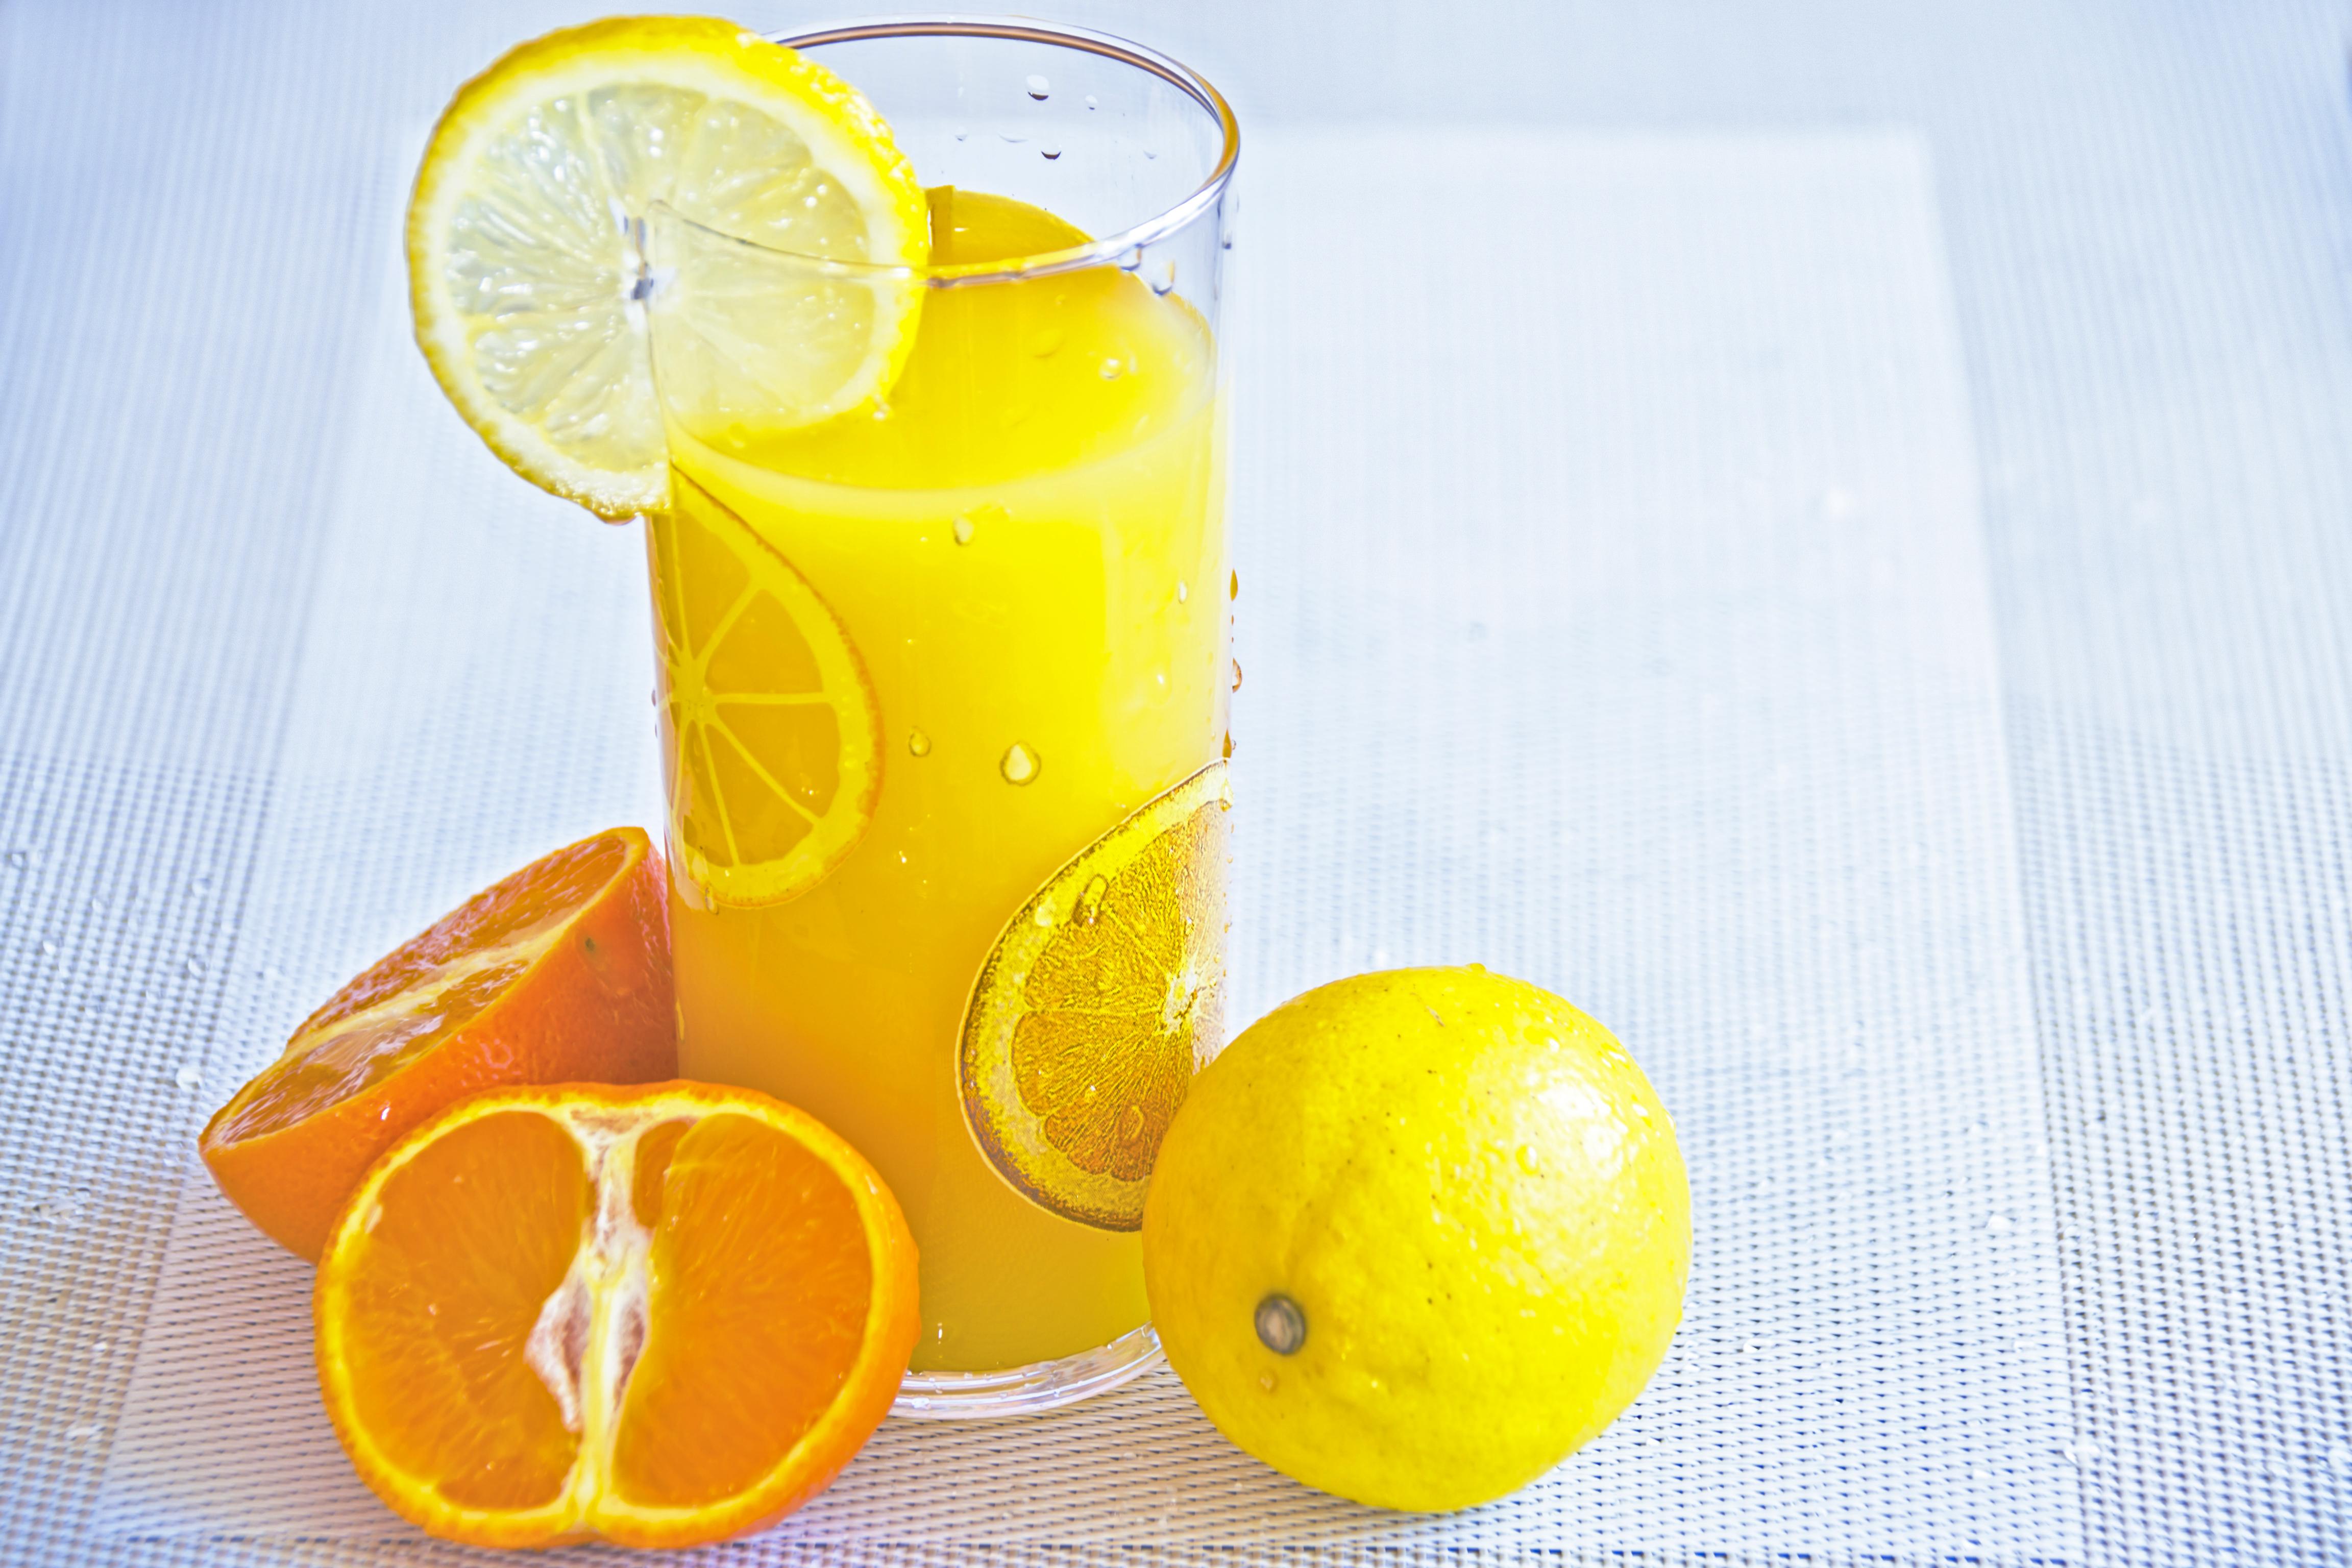 vitamina-c-naranja-limones-beber-zumo-jugo